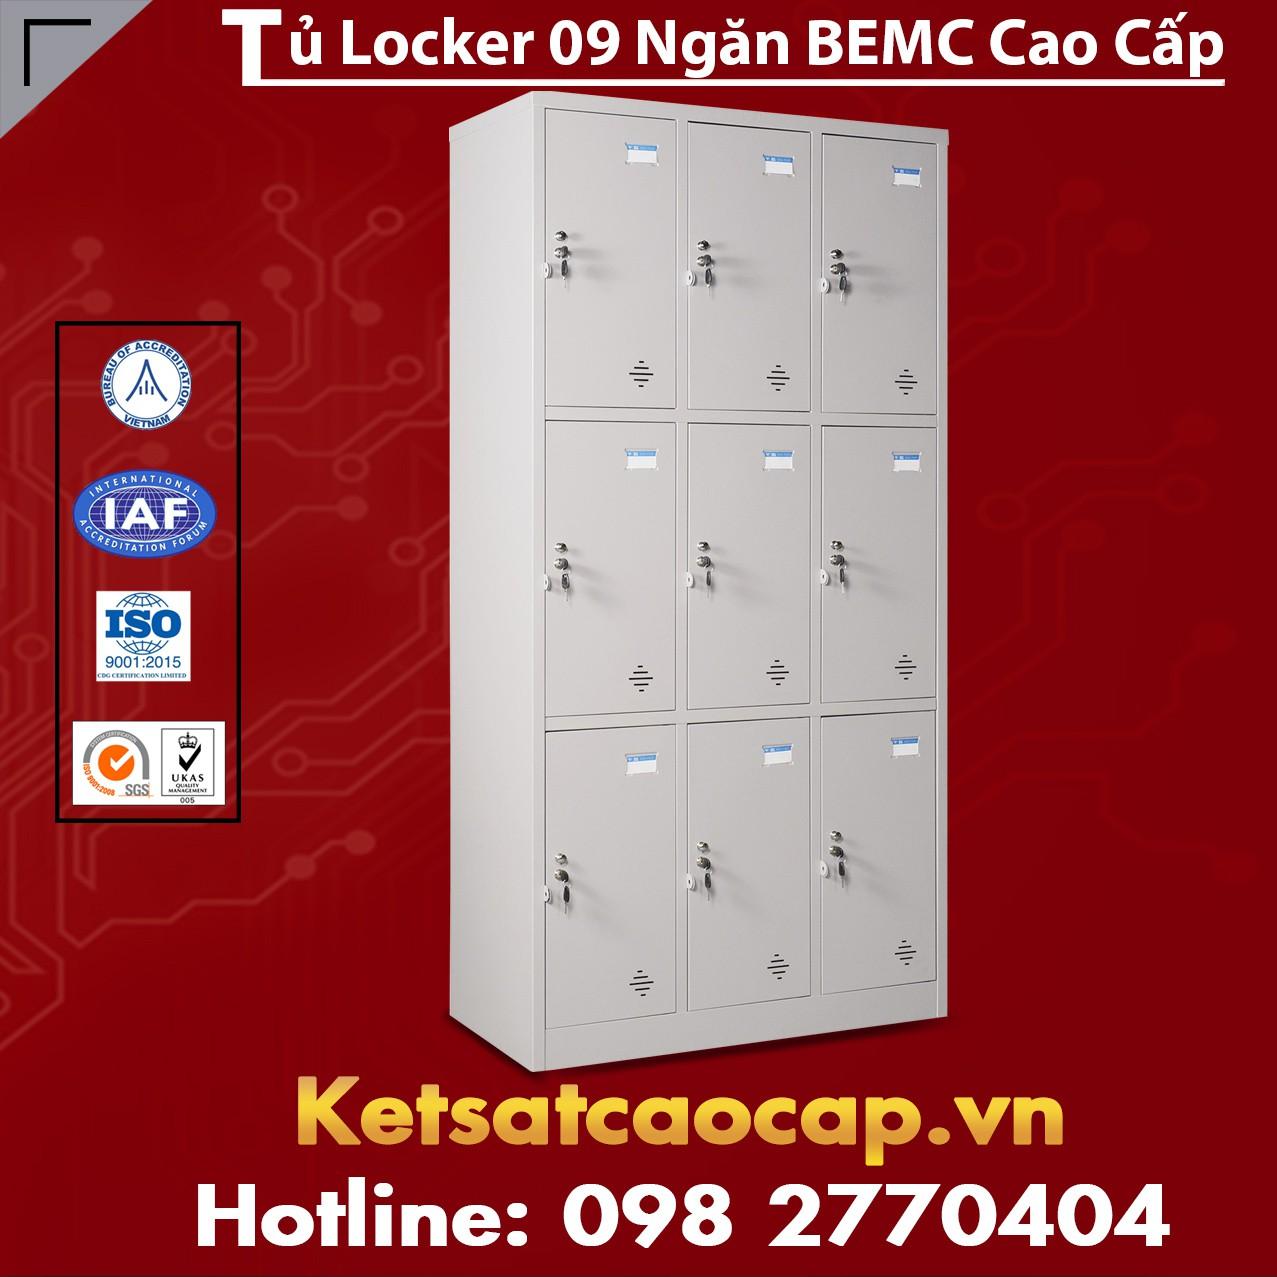 Tủ Locker BEMC 9 Ngăn